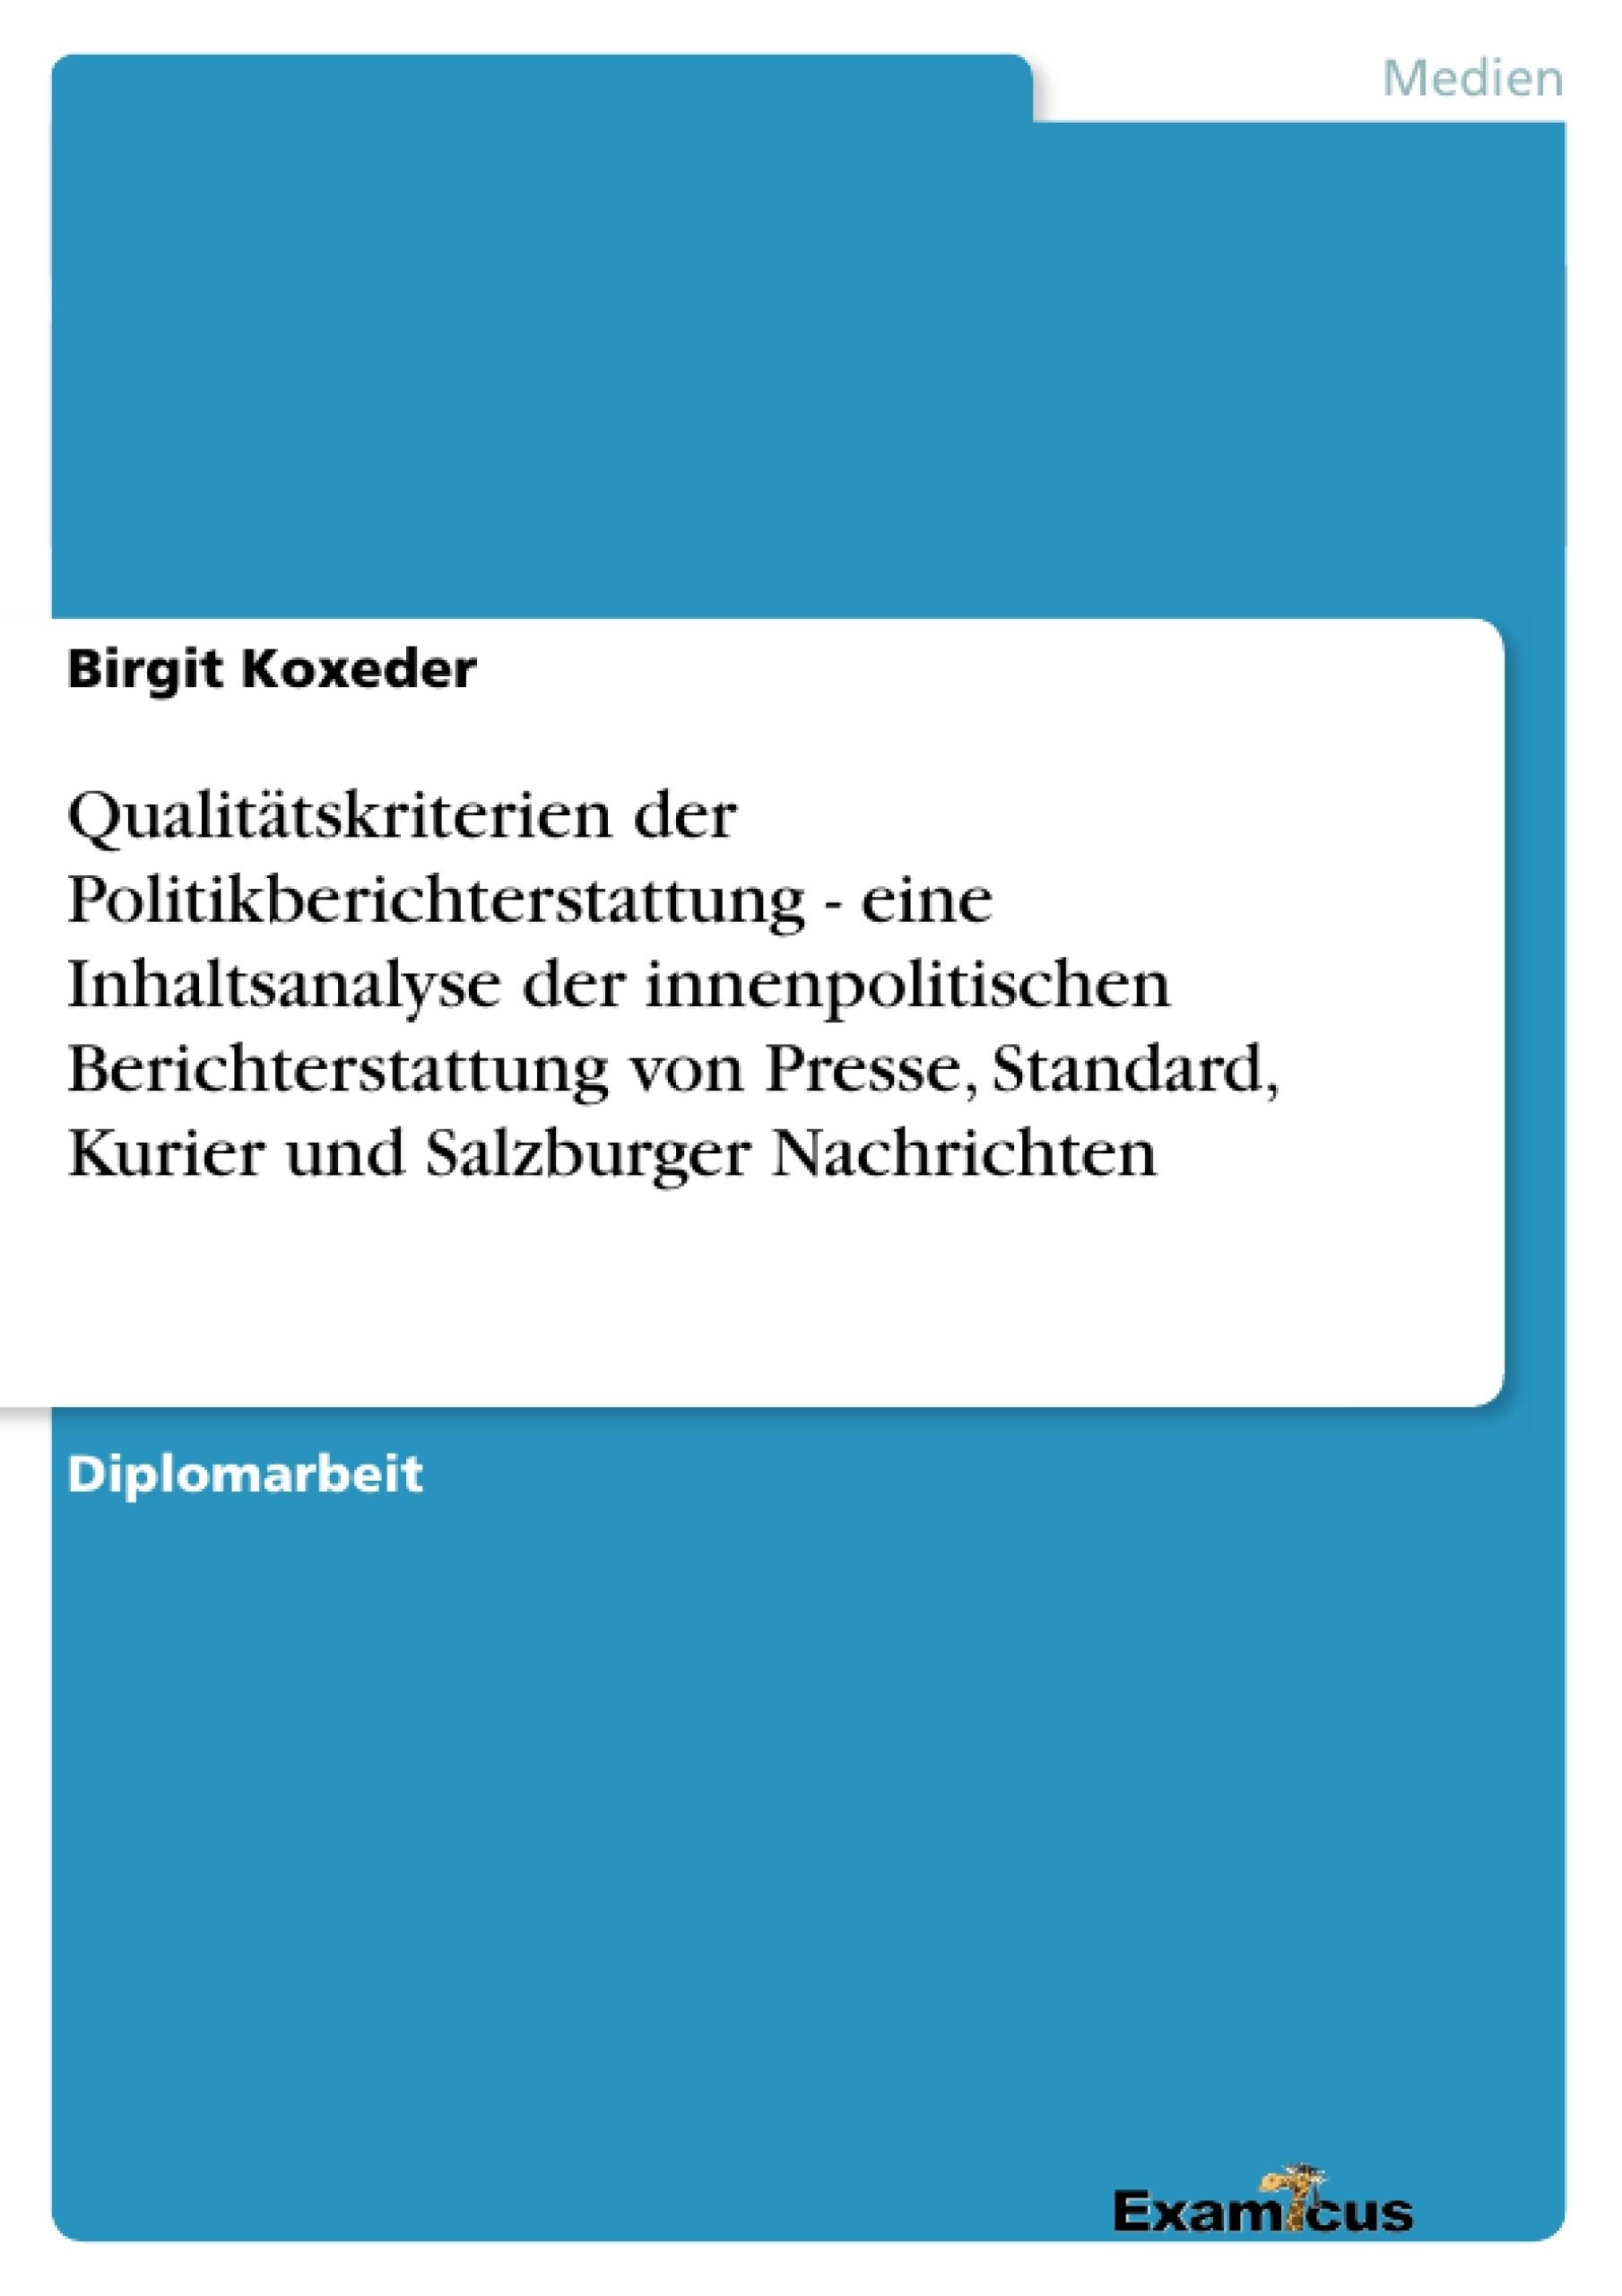 Titel: Qualitätskriterien der Politikberichterstattung - eine Inhaltsanalyse der innenpolitischen Berichterstattung von Presse, Standard, Kurier und Salzburger Nachrichten